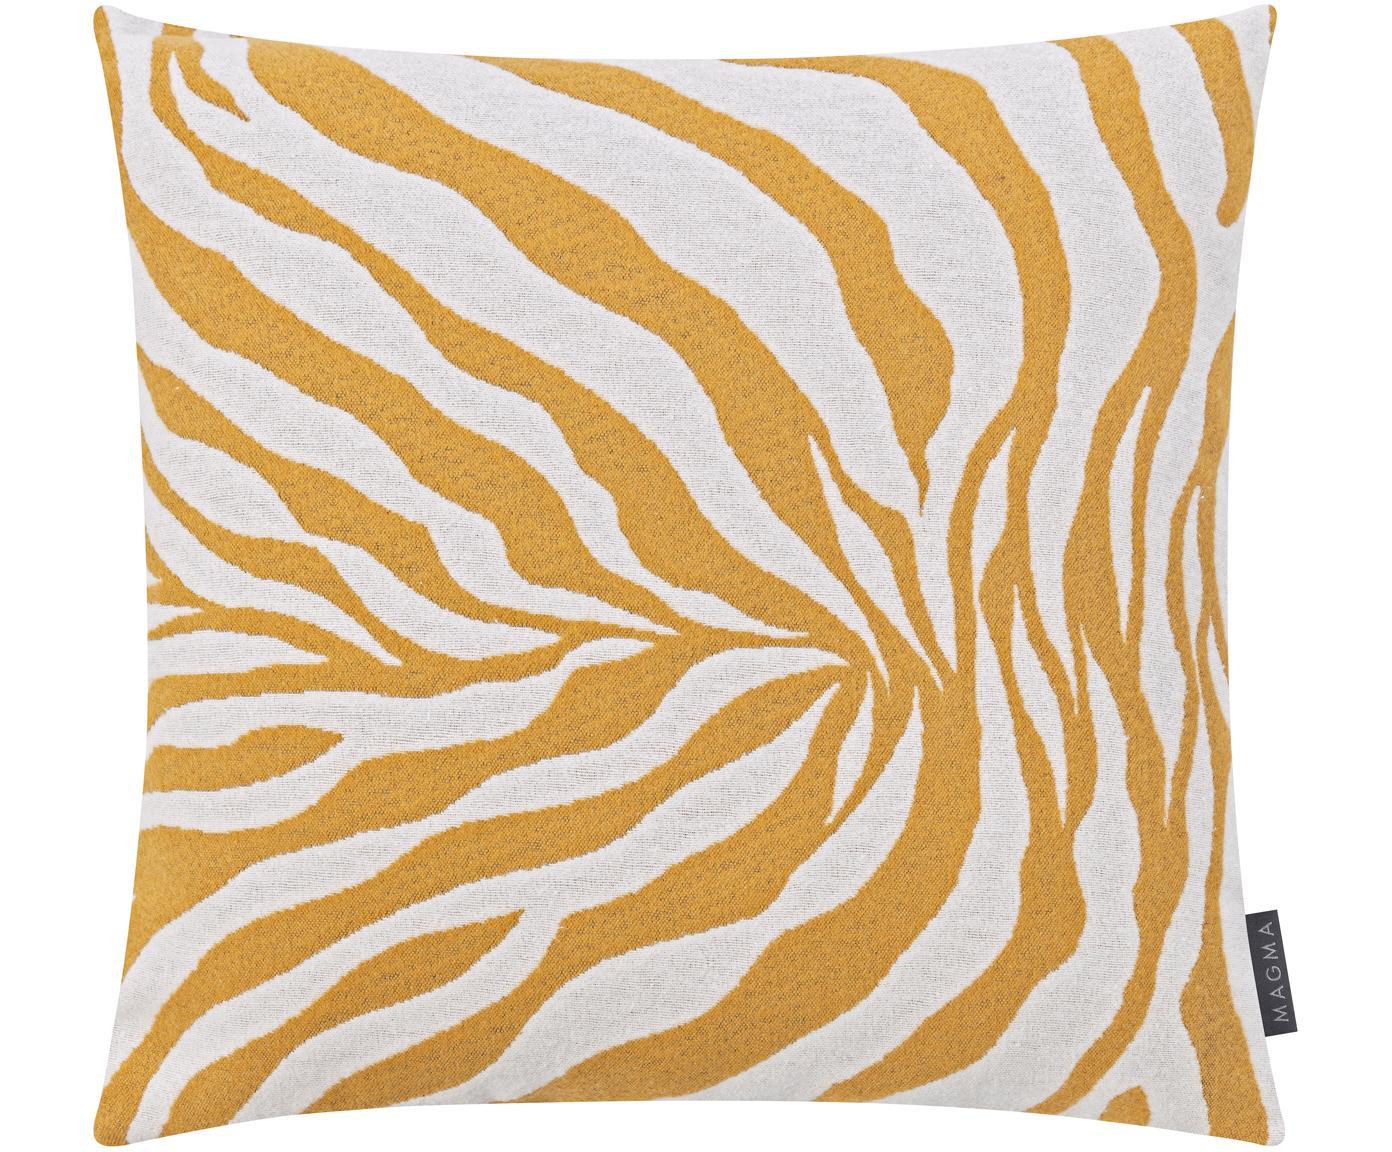 Funda de cojín Zebra, Parte superior: 59%algodón, 41%poliéste, Mostaza, blanco, An 50 x L 50 cm